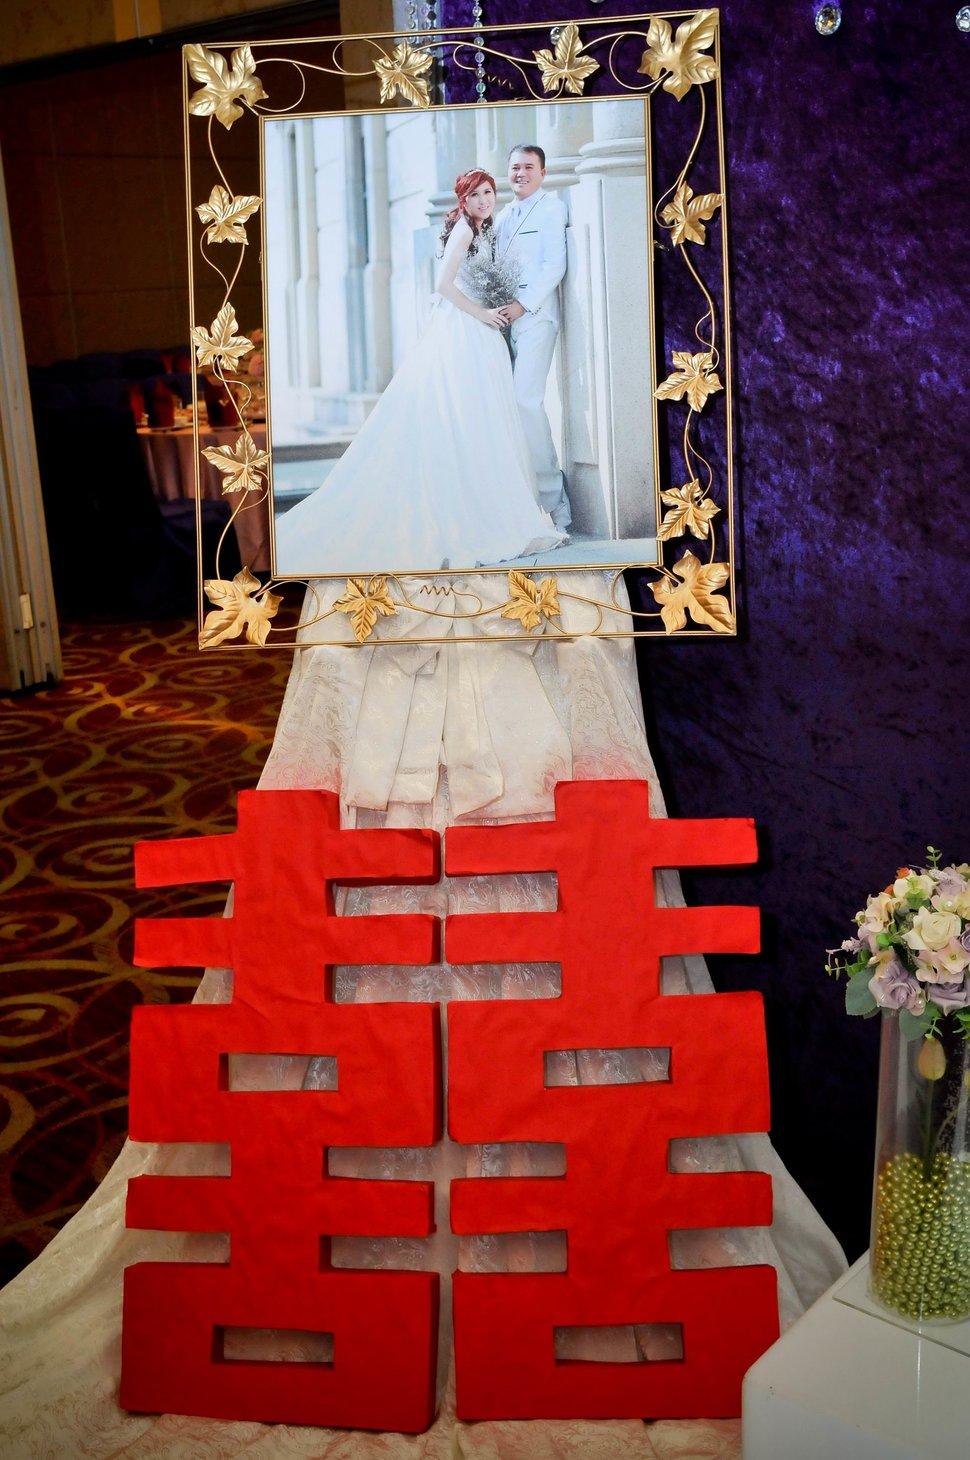 專業婚攝婚禮紀錄婚禮紀錄專業錄影婚禮錄影婚禮記錄動態微電影錄影專業錄影平面攝影婚攝婚禮主持人(編號:280513) - 蜜月拍照10800錄影12800攝影團隊 - 結婚吧